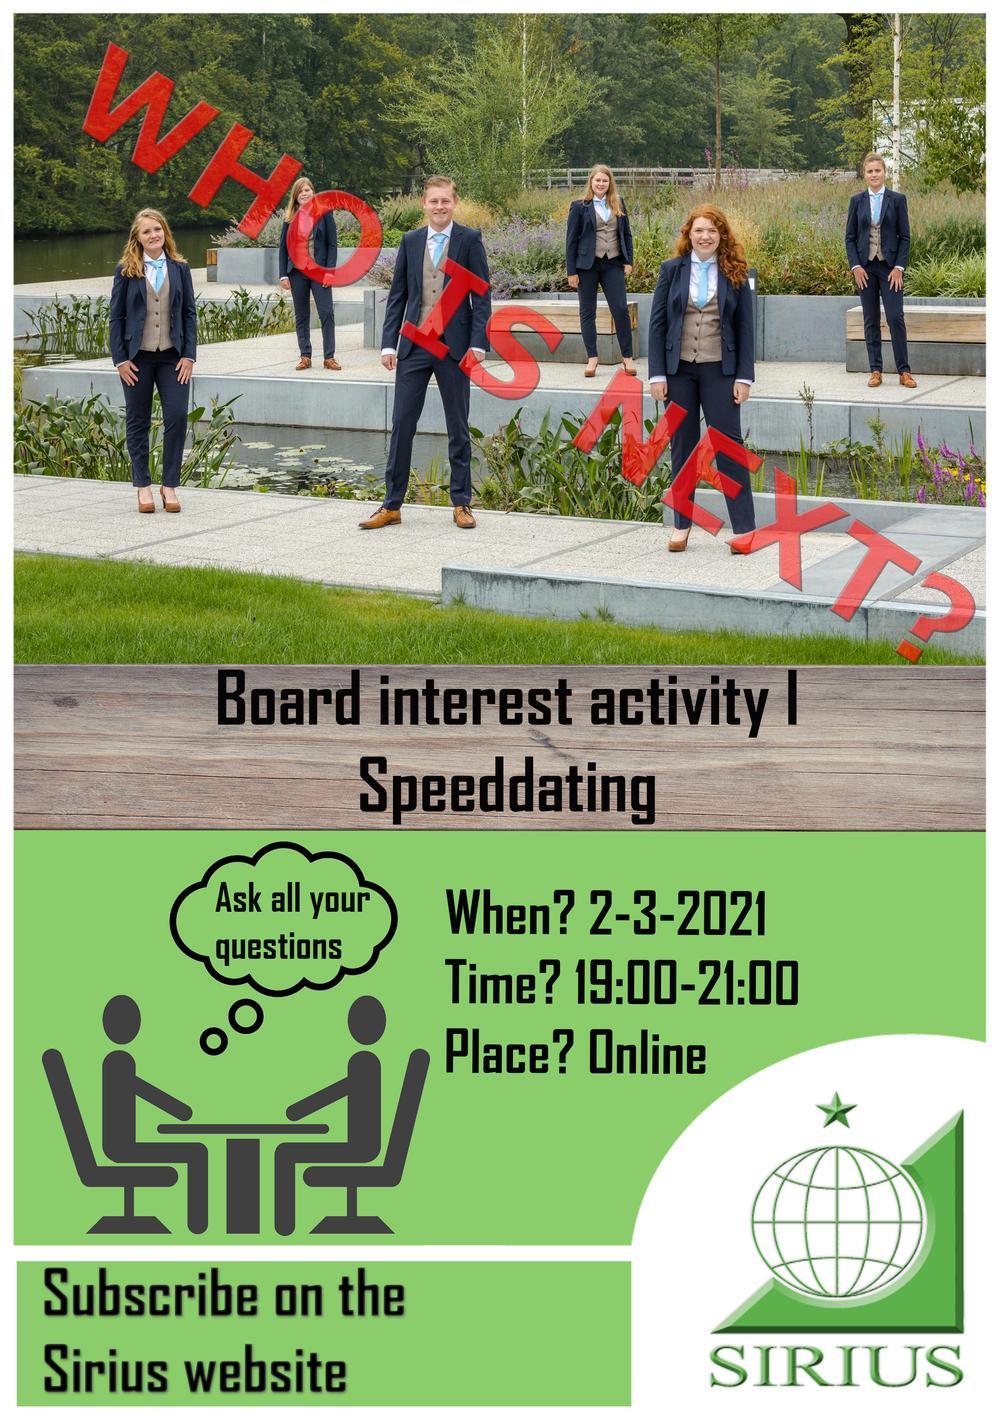 Board Interest Activity: Speeddates